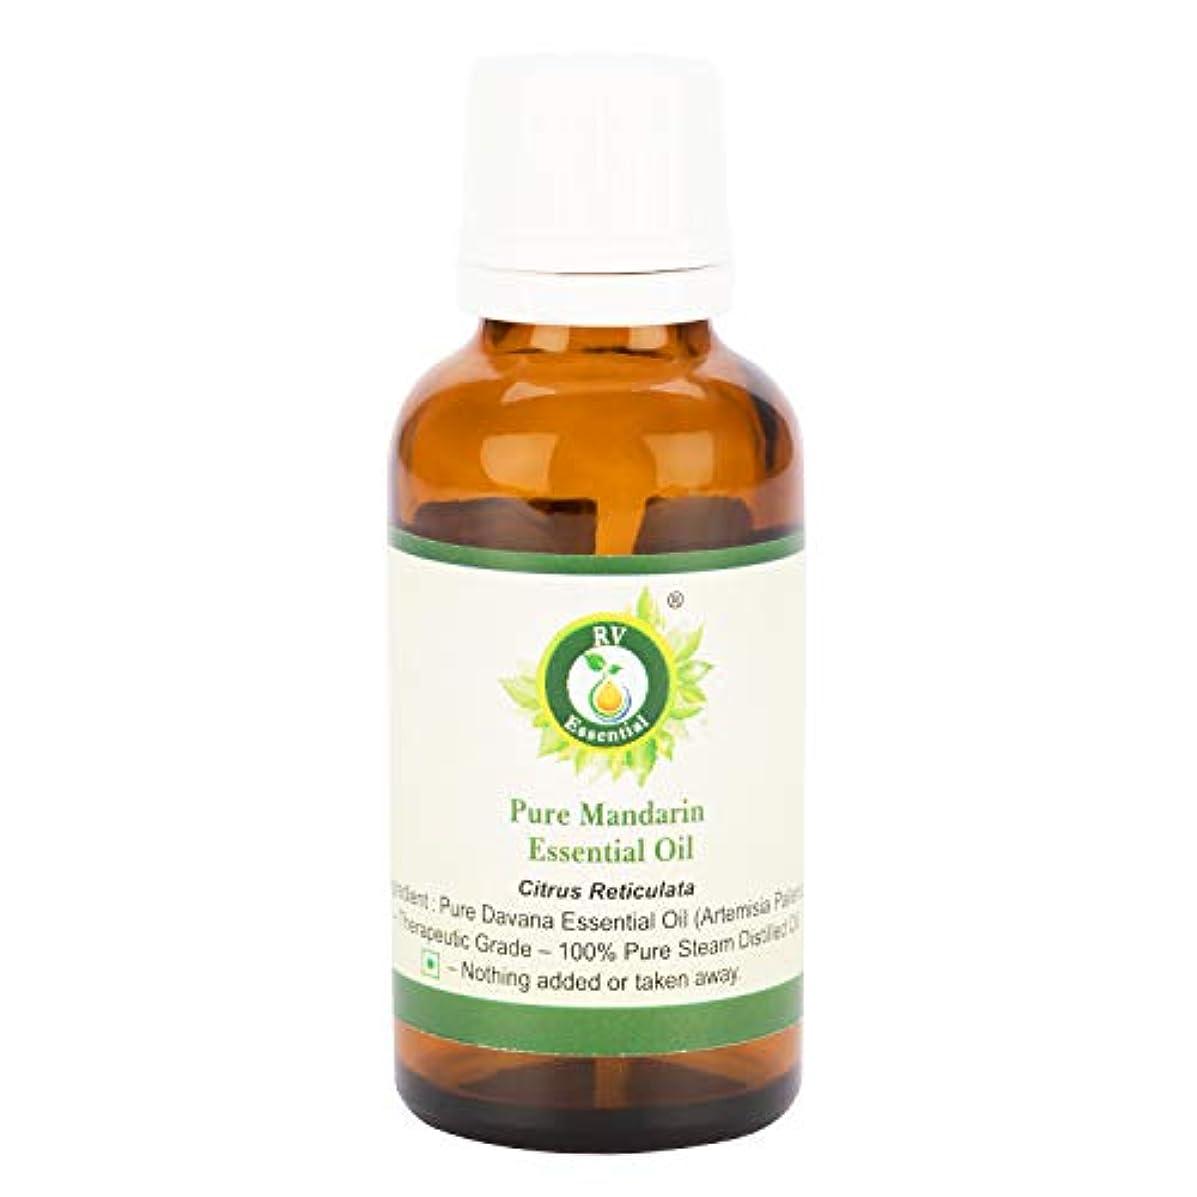 分離形爆弾ピュアマンダリンエッセンシャルオイル5ml (0.169oz)- Citrus Reticulata (100%純粋&天然スチームDistilled) Pure Mandarin Essential Oil